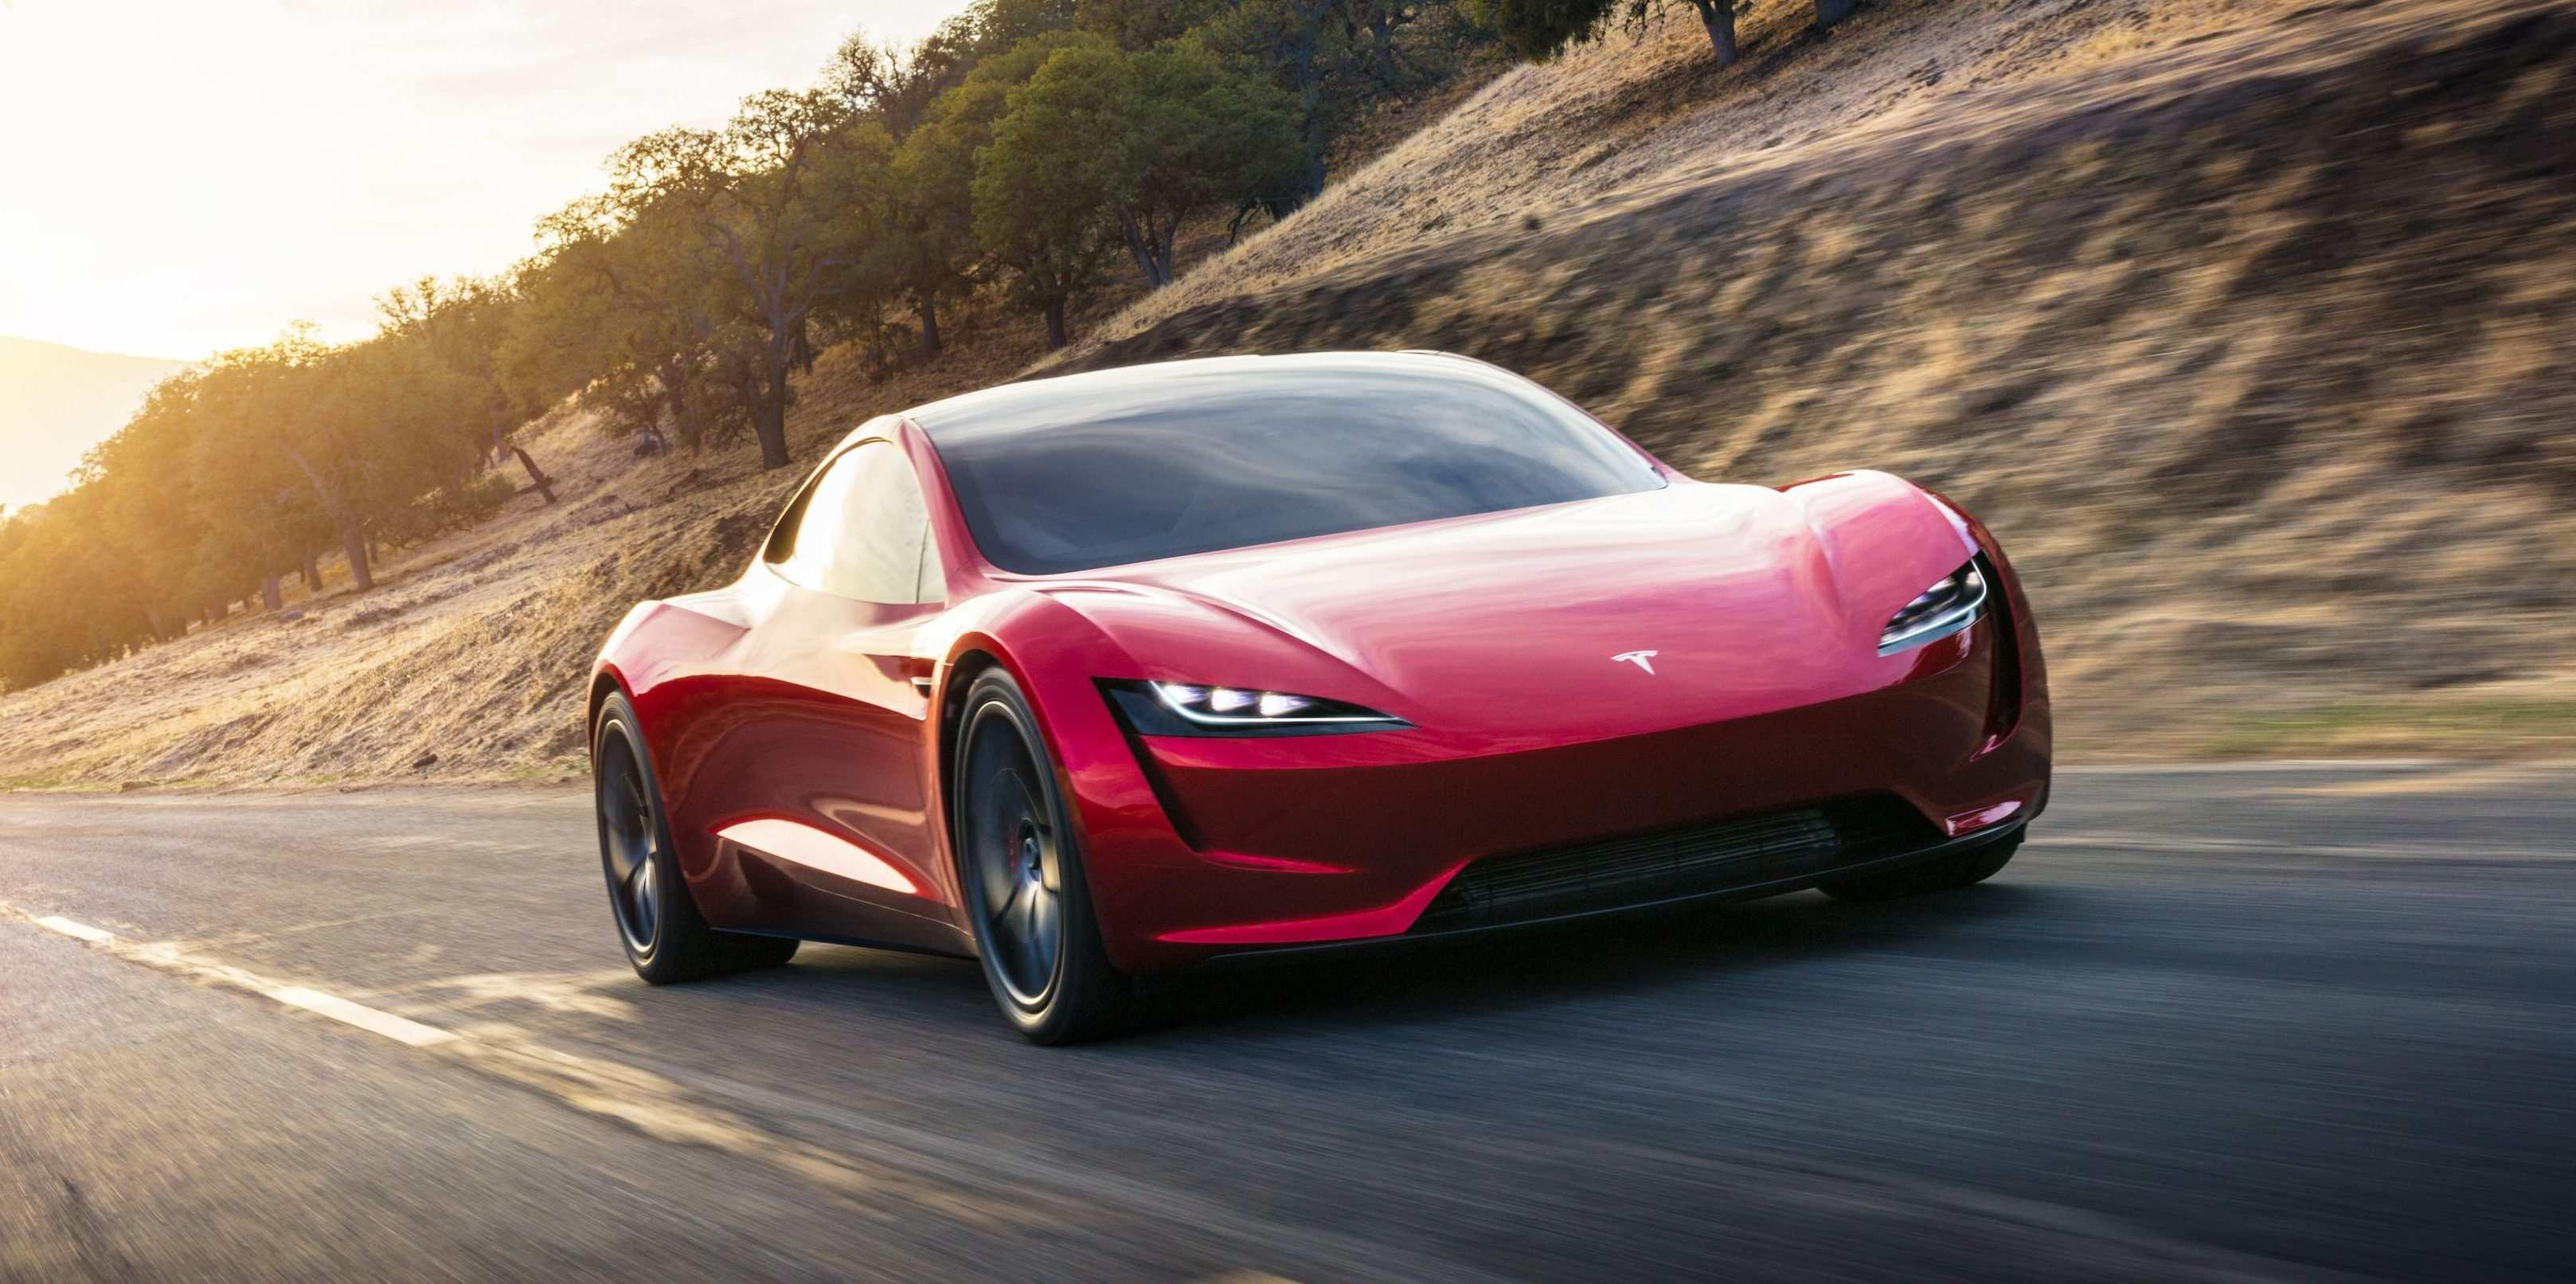 16 Gallery of Tesla Autopilot 2019 Price for Tesla Autopilot 2019